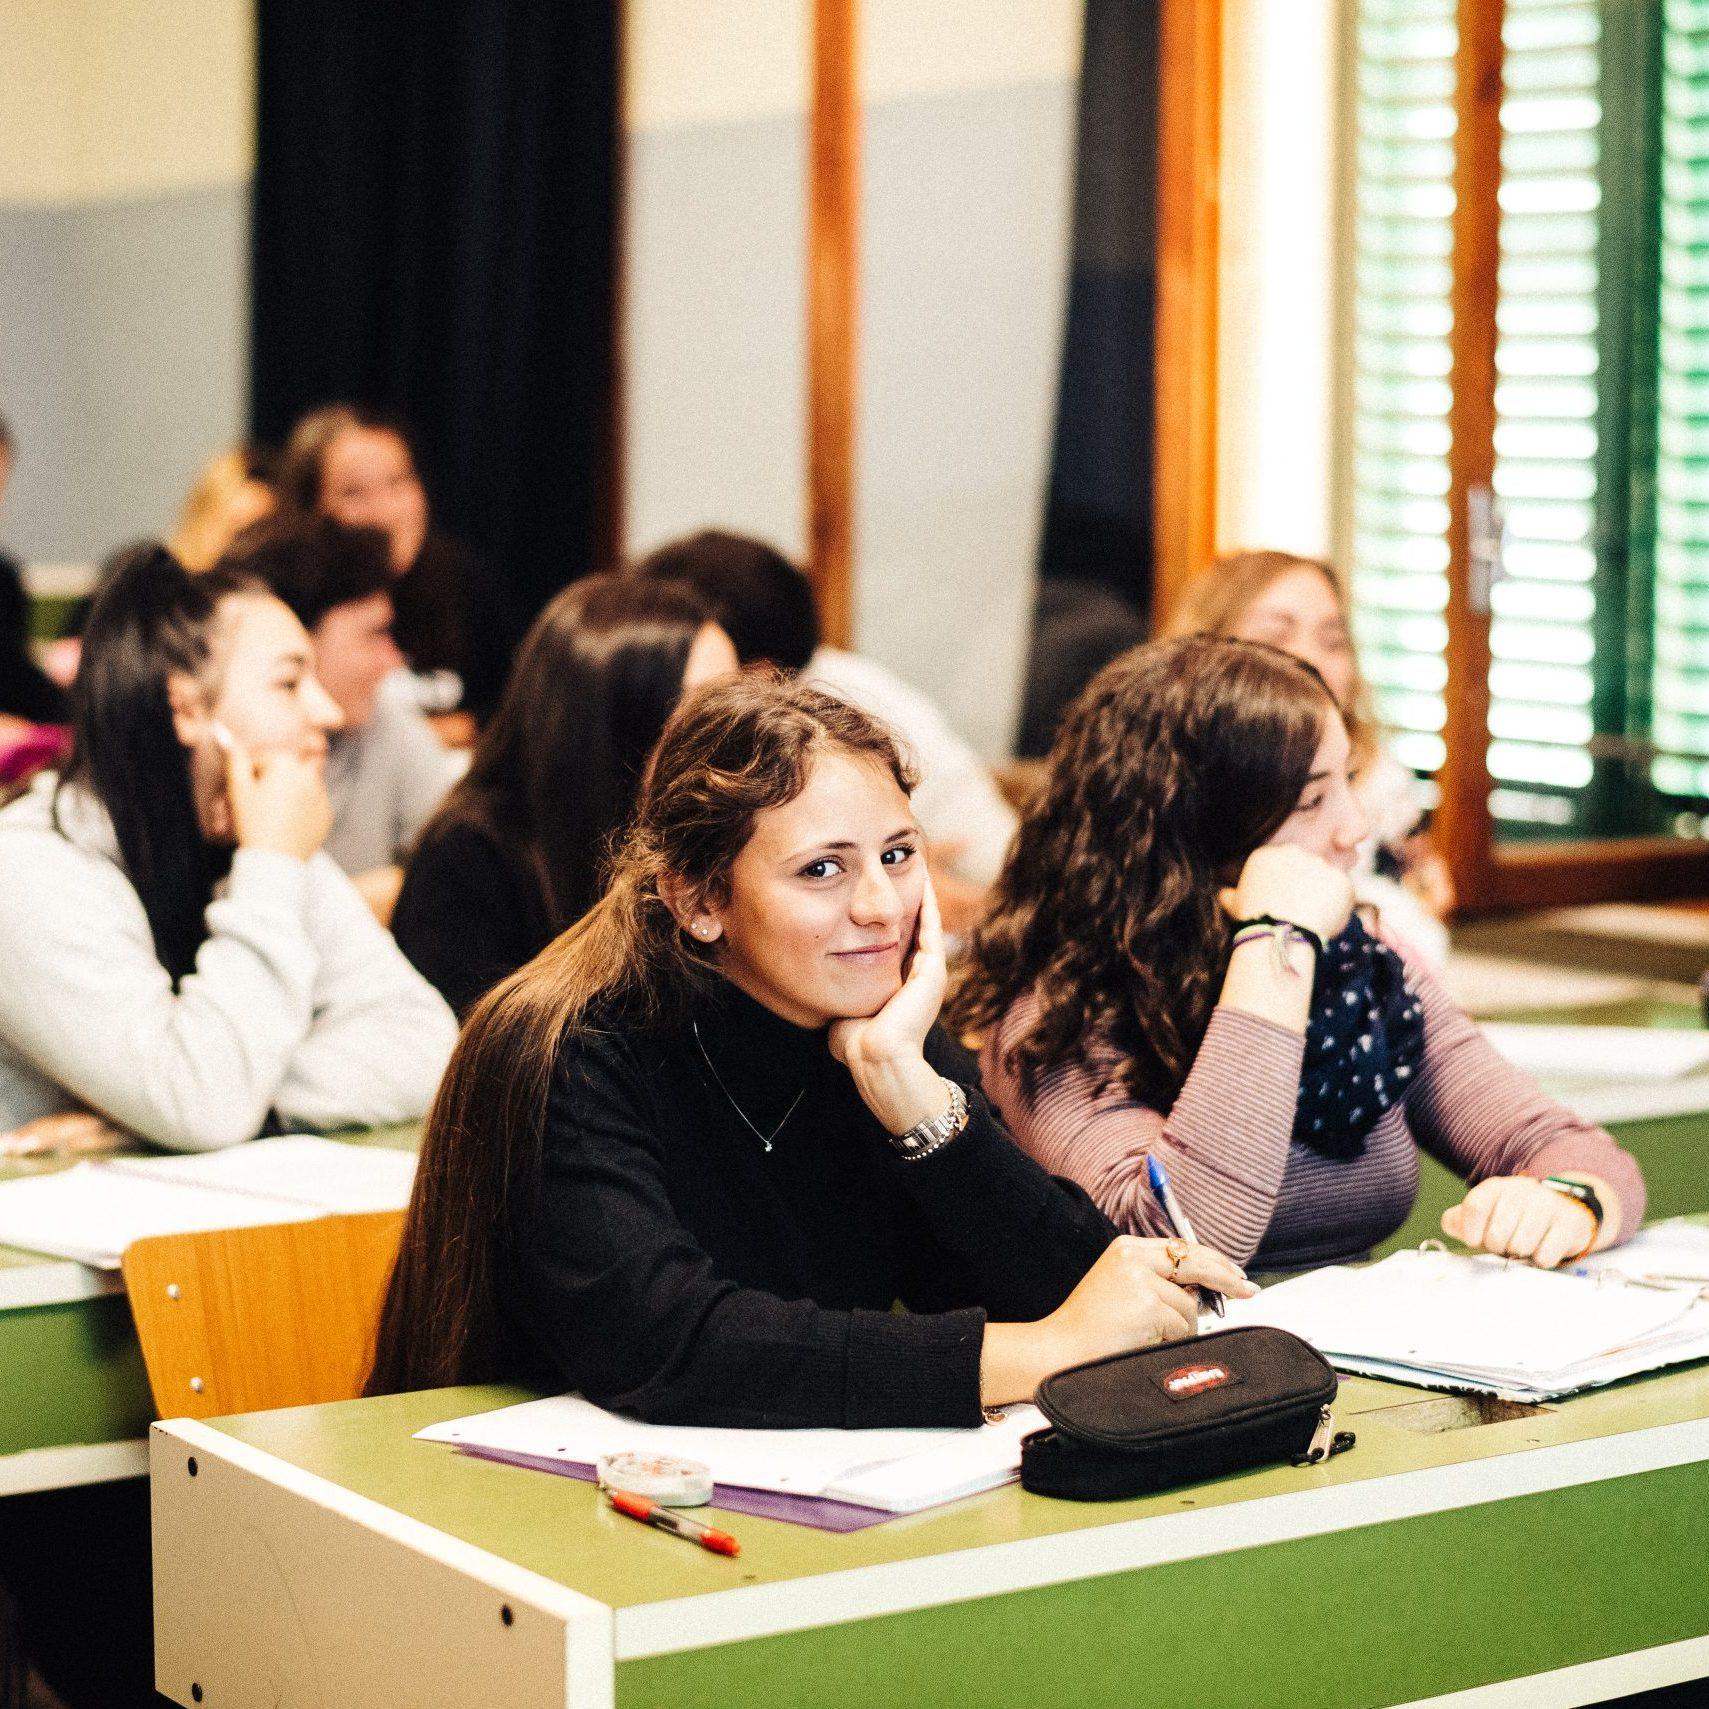 Don Bosco - Scuola Secondaria di II Grado - Iscrizione